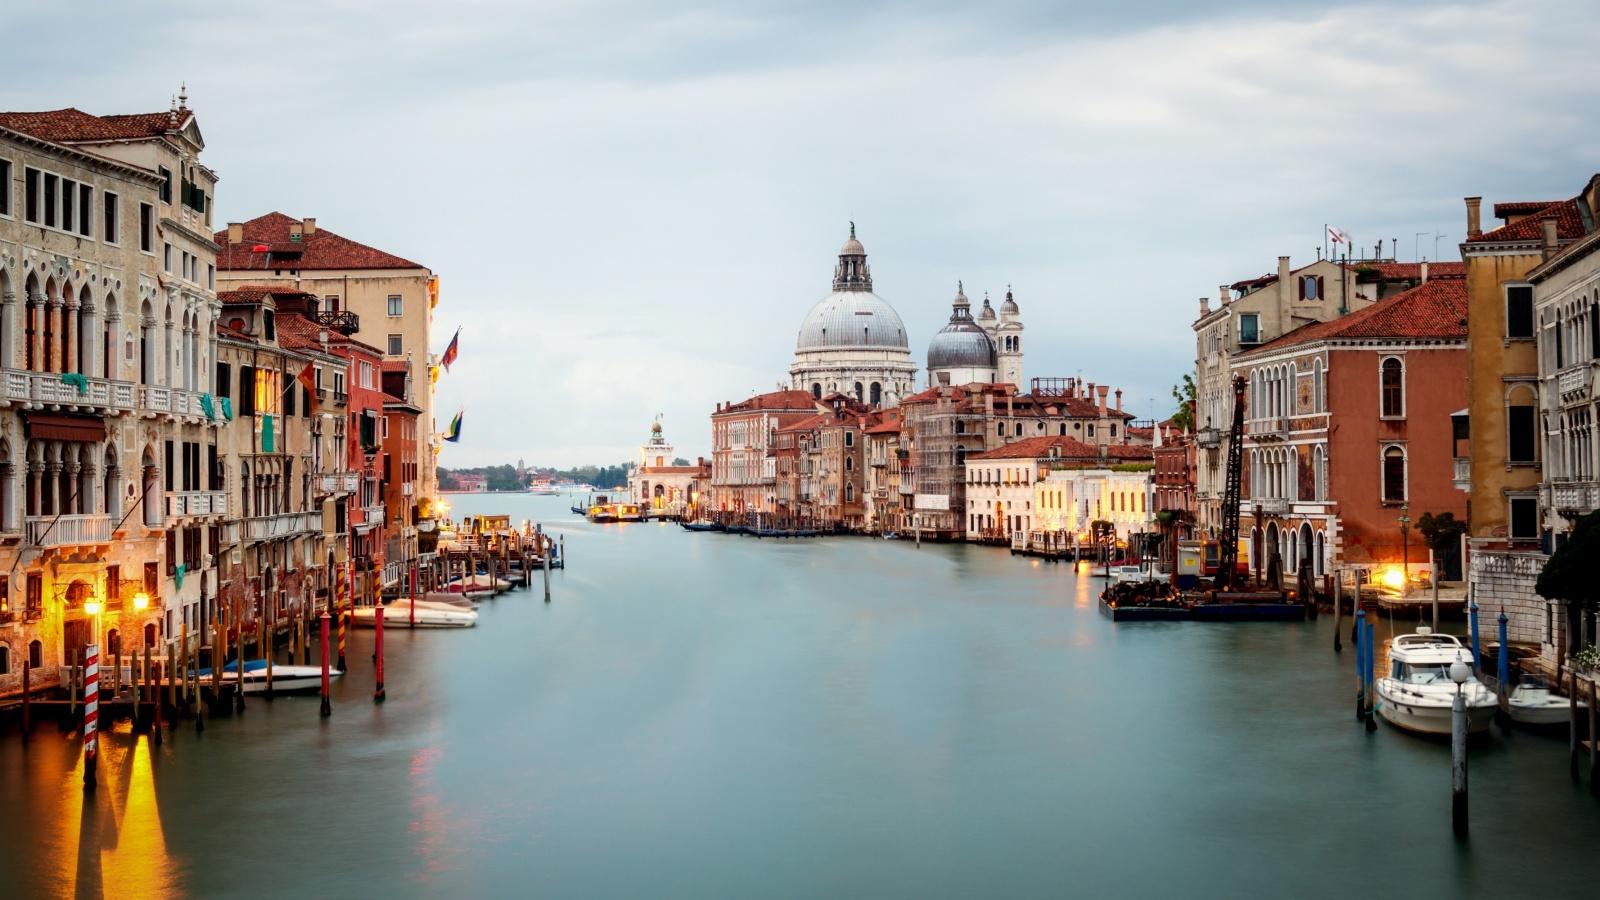 Venice Italy and Basilica Santa Maria della Salute